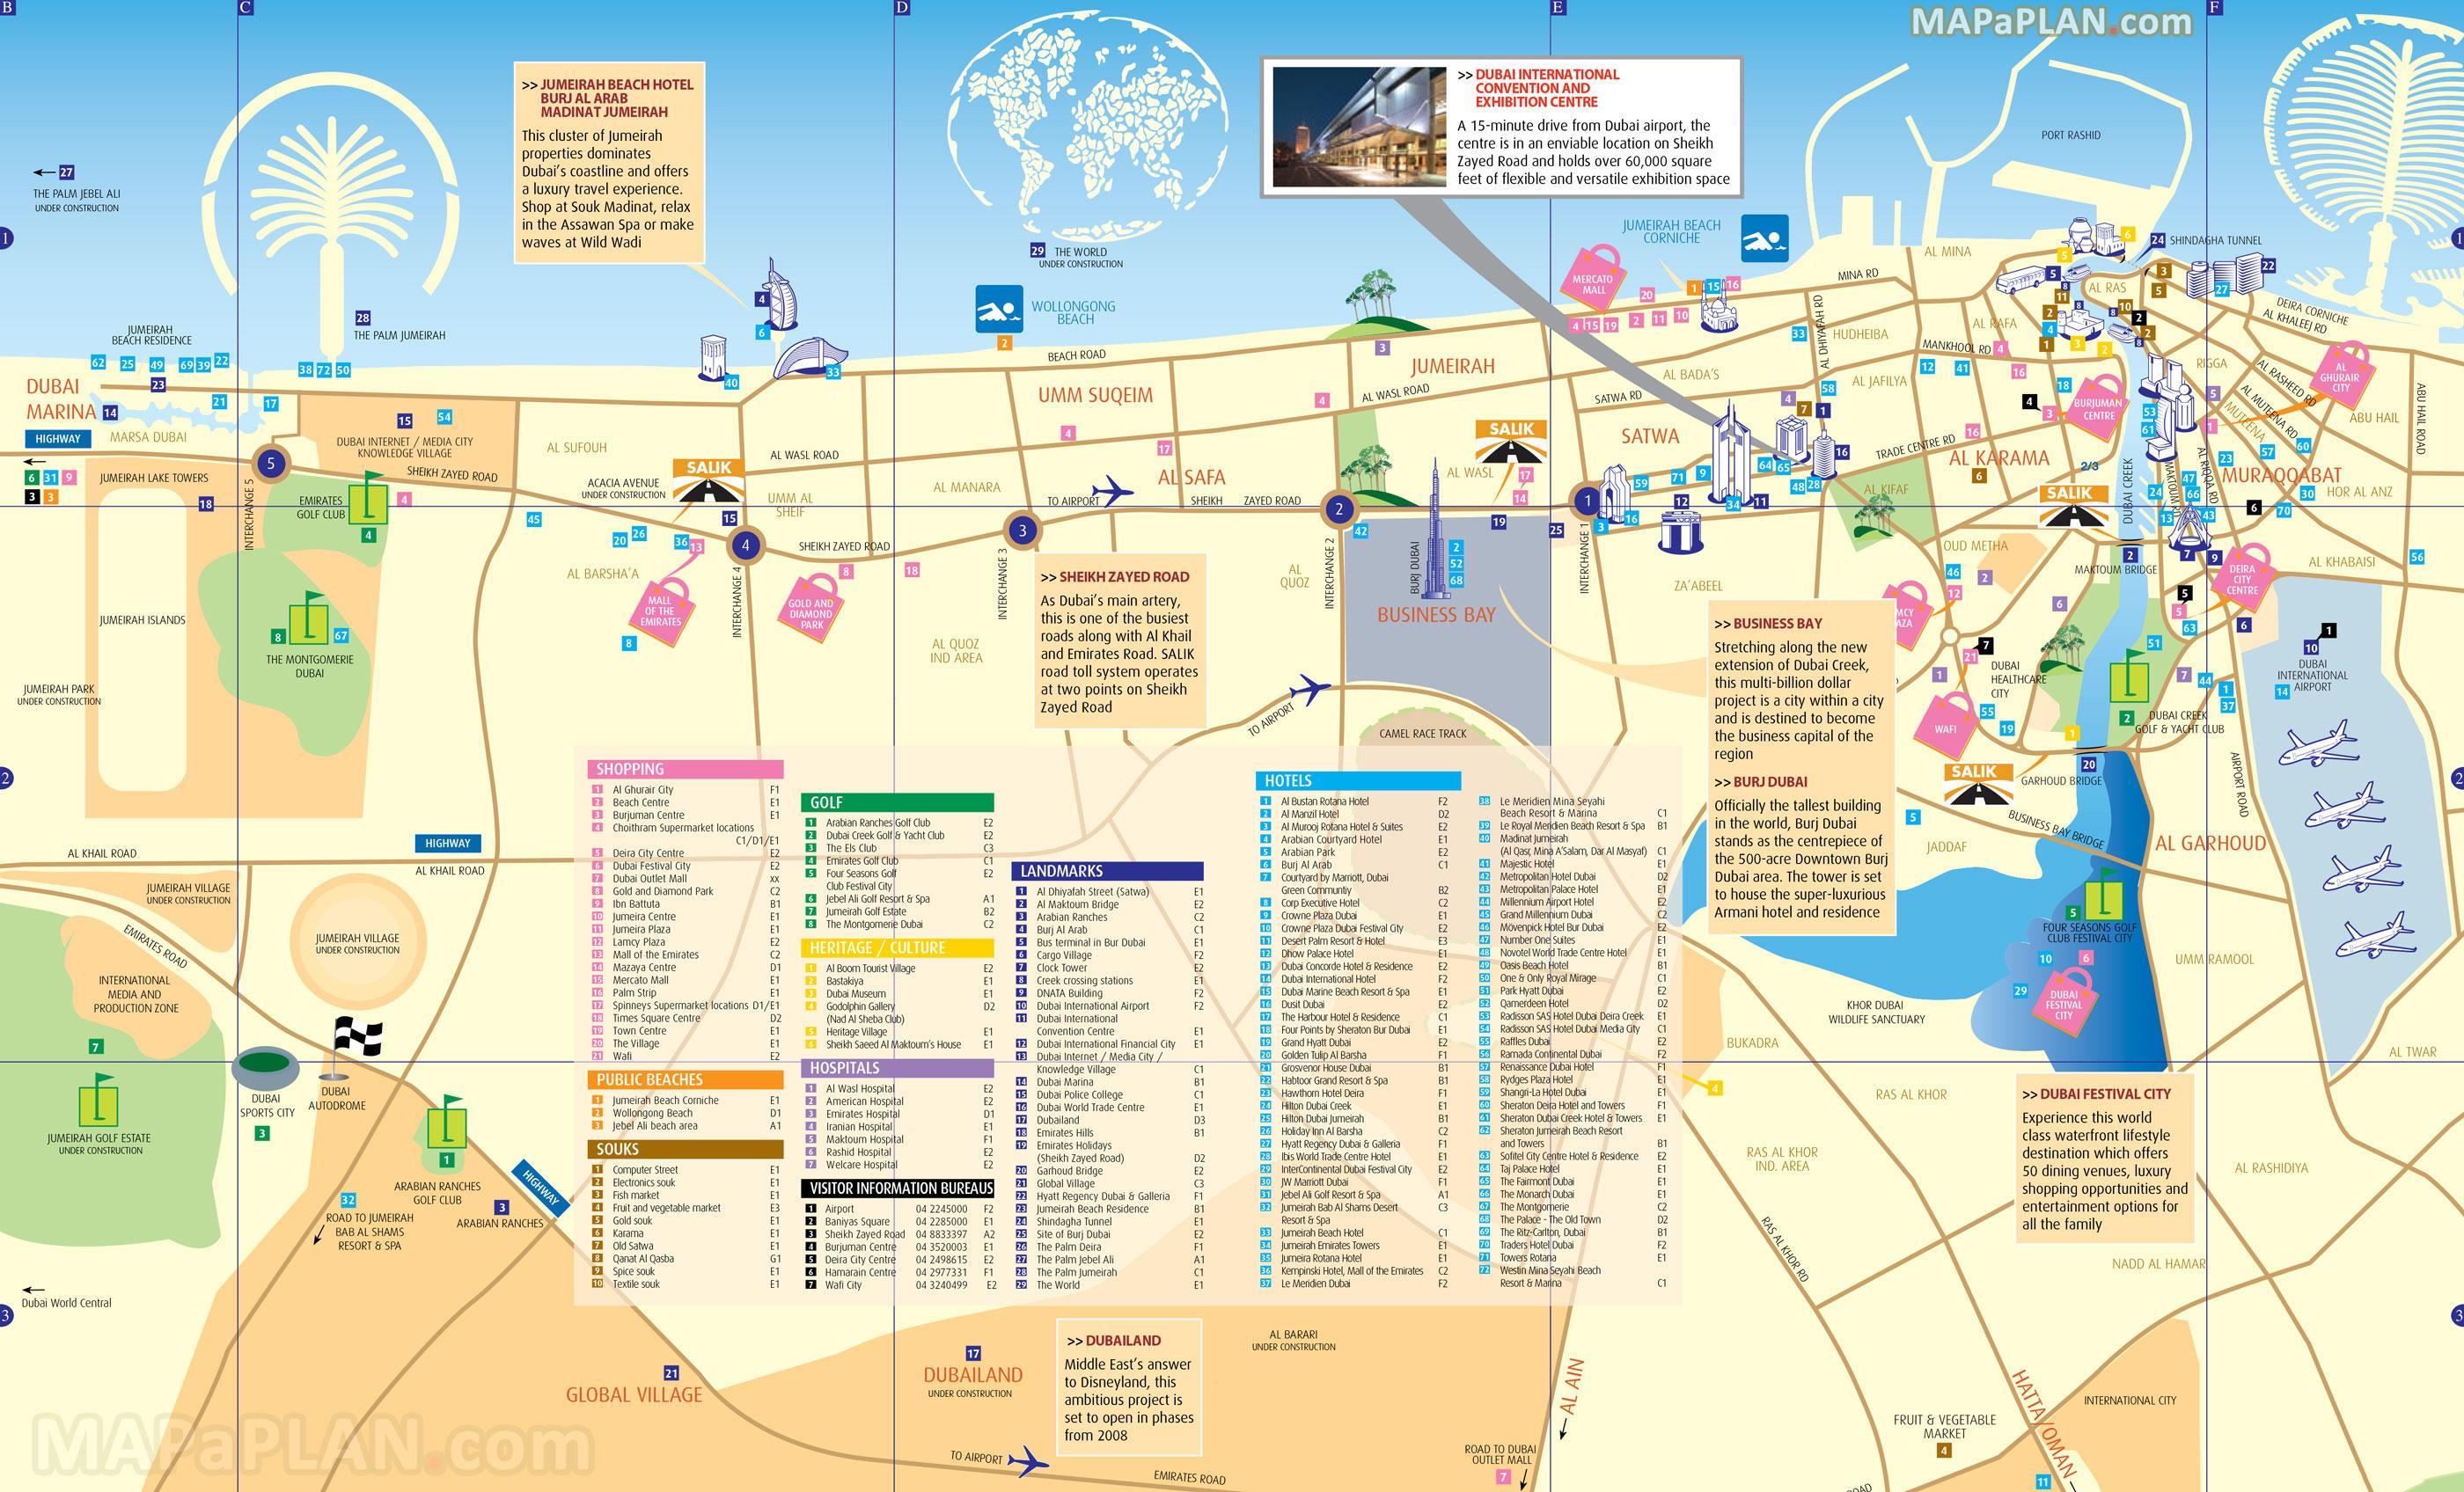 Dubai Souks Kort Kort Over Dubai Souks Forenede Arabiske Emirater